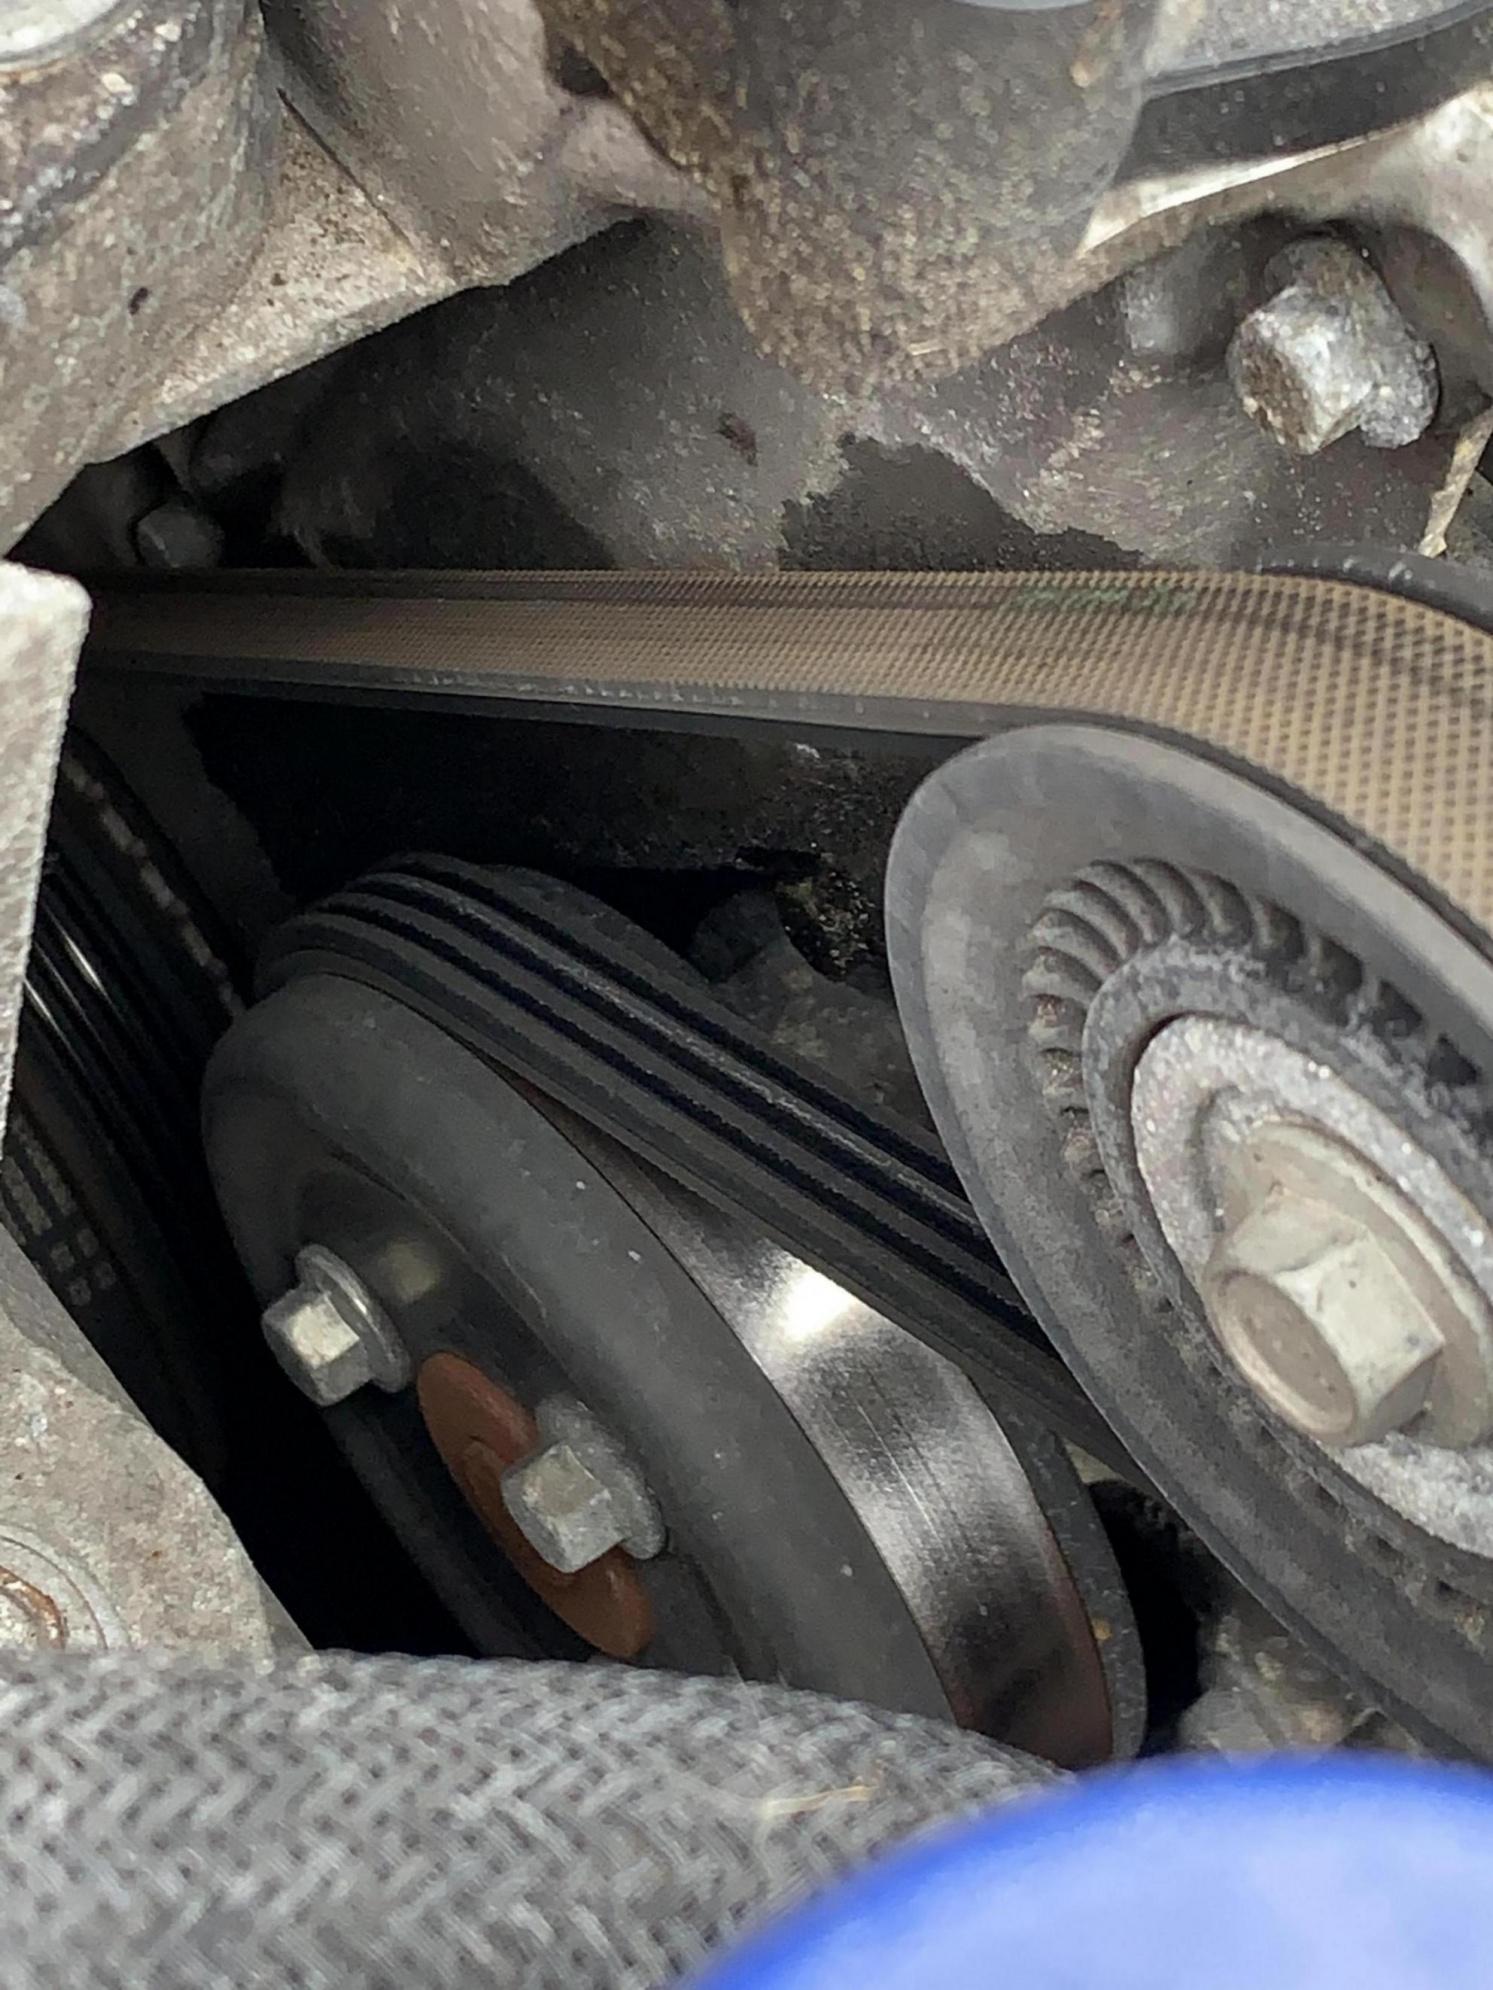 Headgasket leak-11cc2e82-b2a2-47fe-ad5c-3d9ea7679e90_1554501069163.jpg